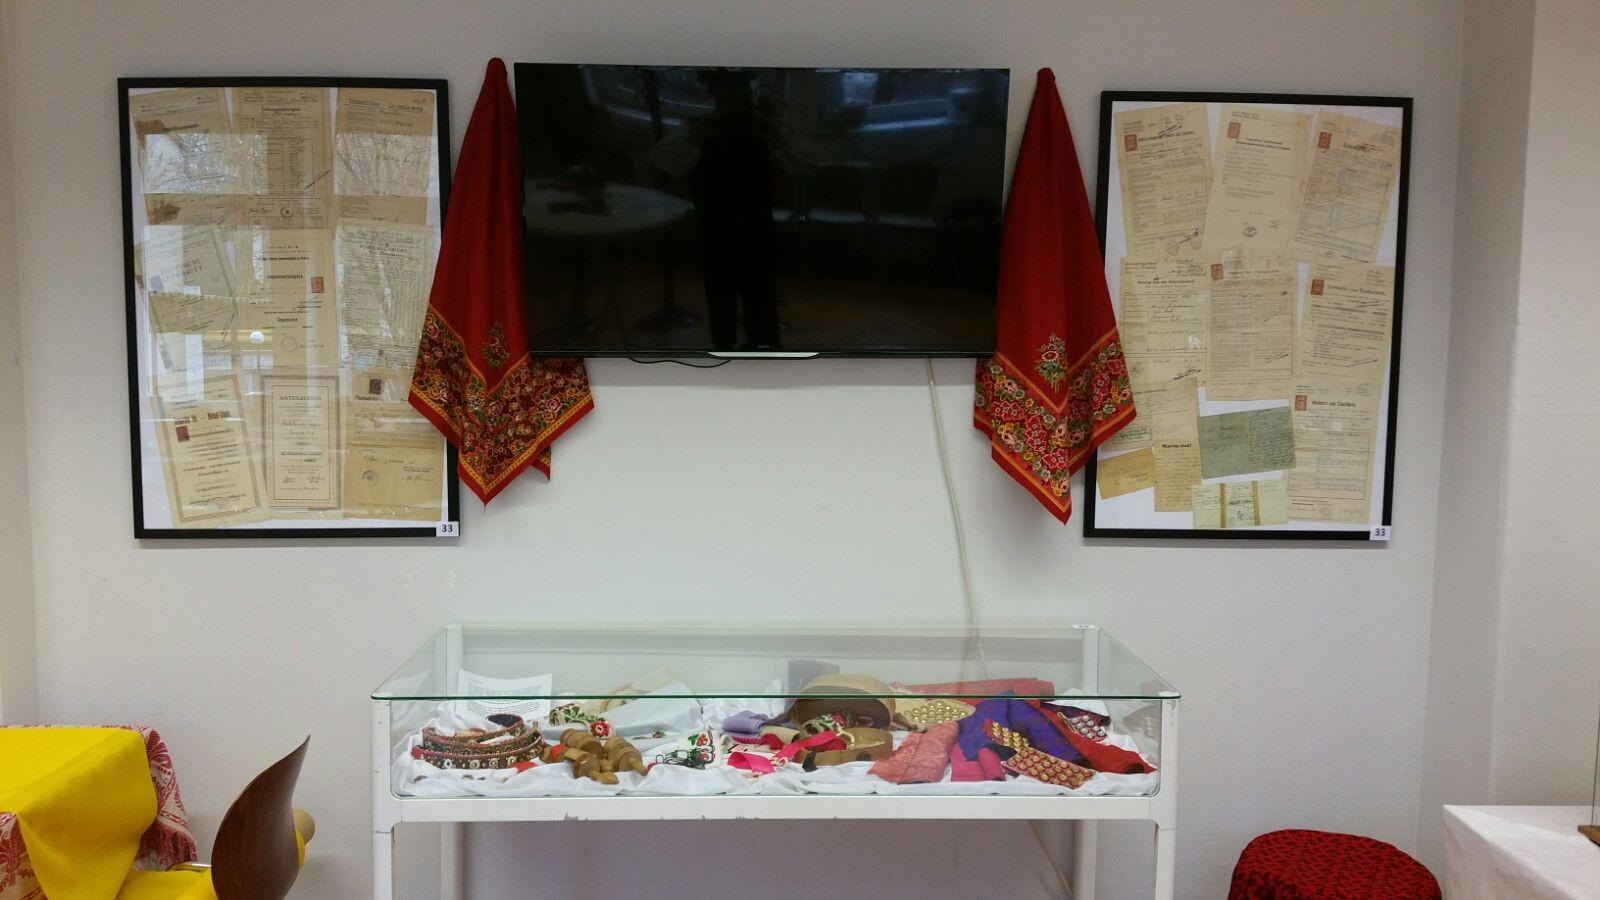 zwei Bilder mit alten Dokumenten